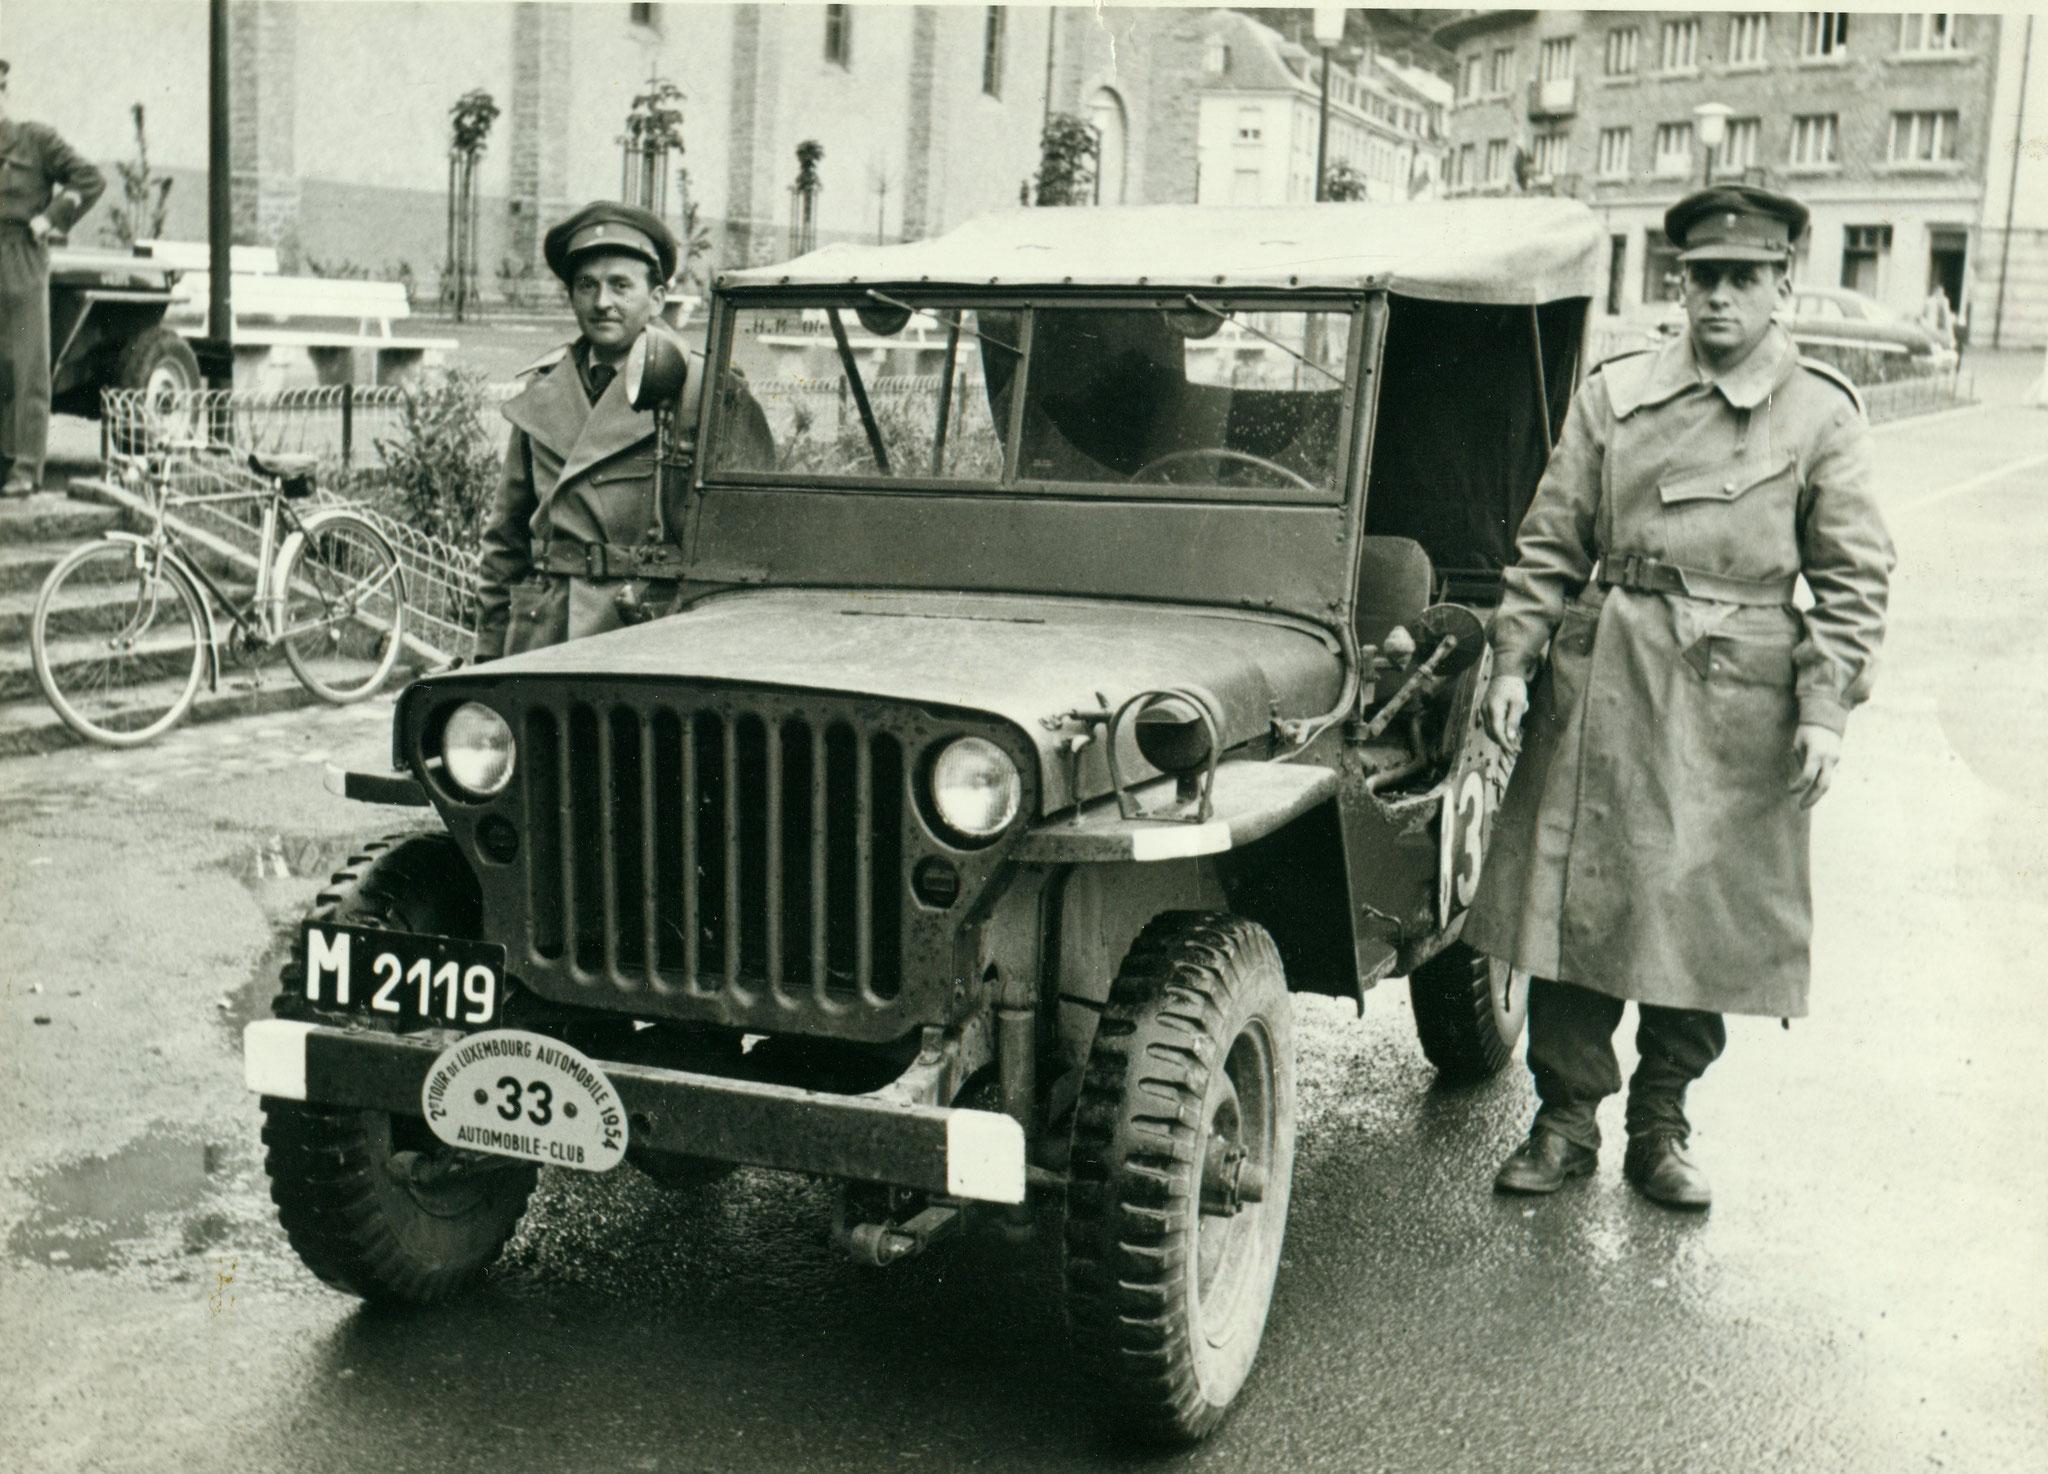 1954 Tour de Luxembourg